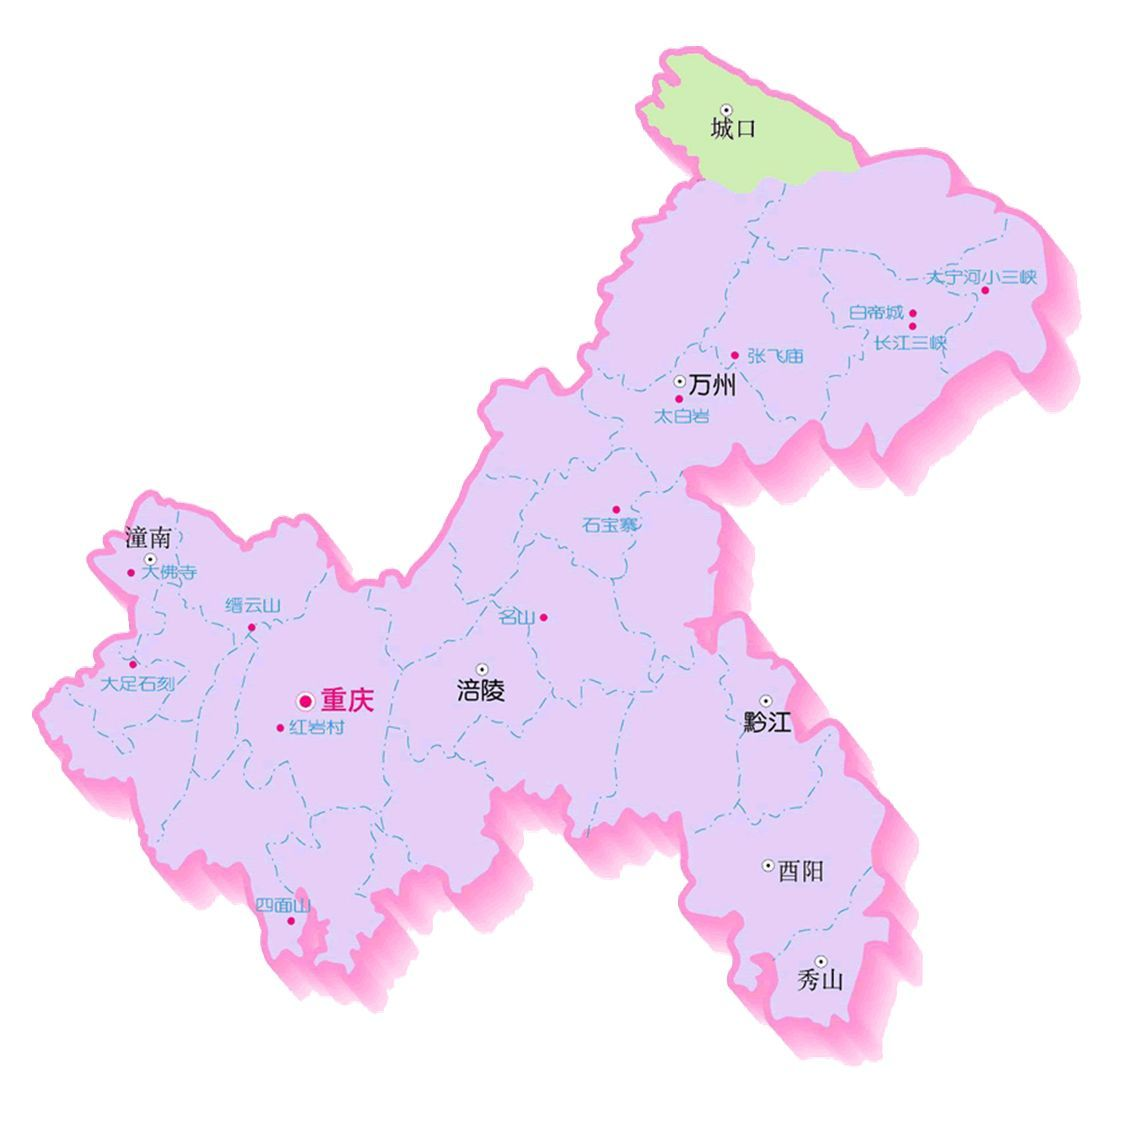 湖北省人均gdp_湖北省地图